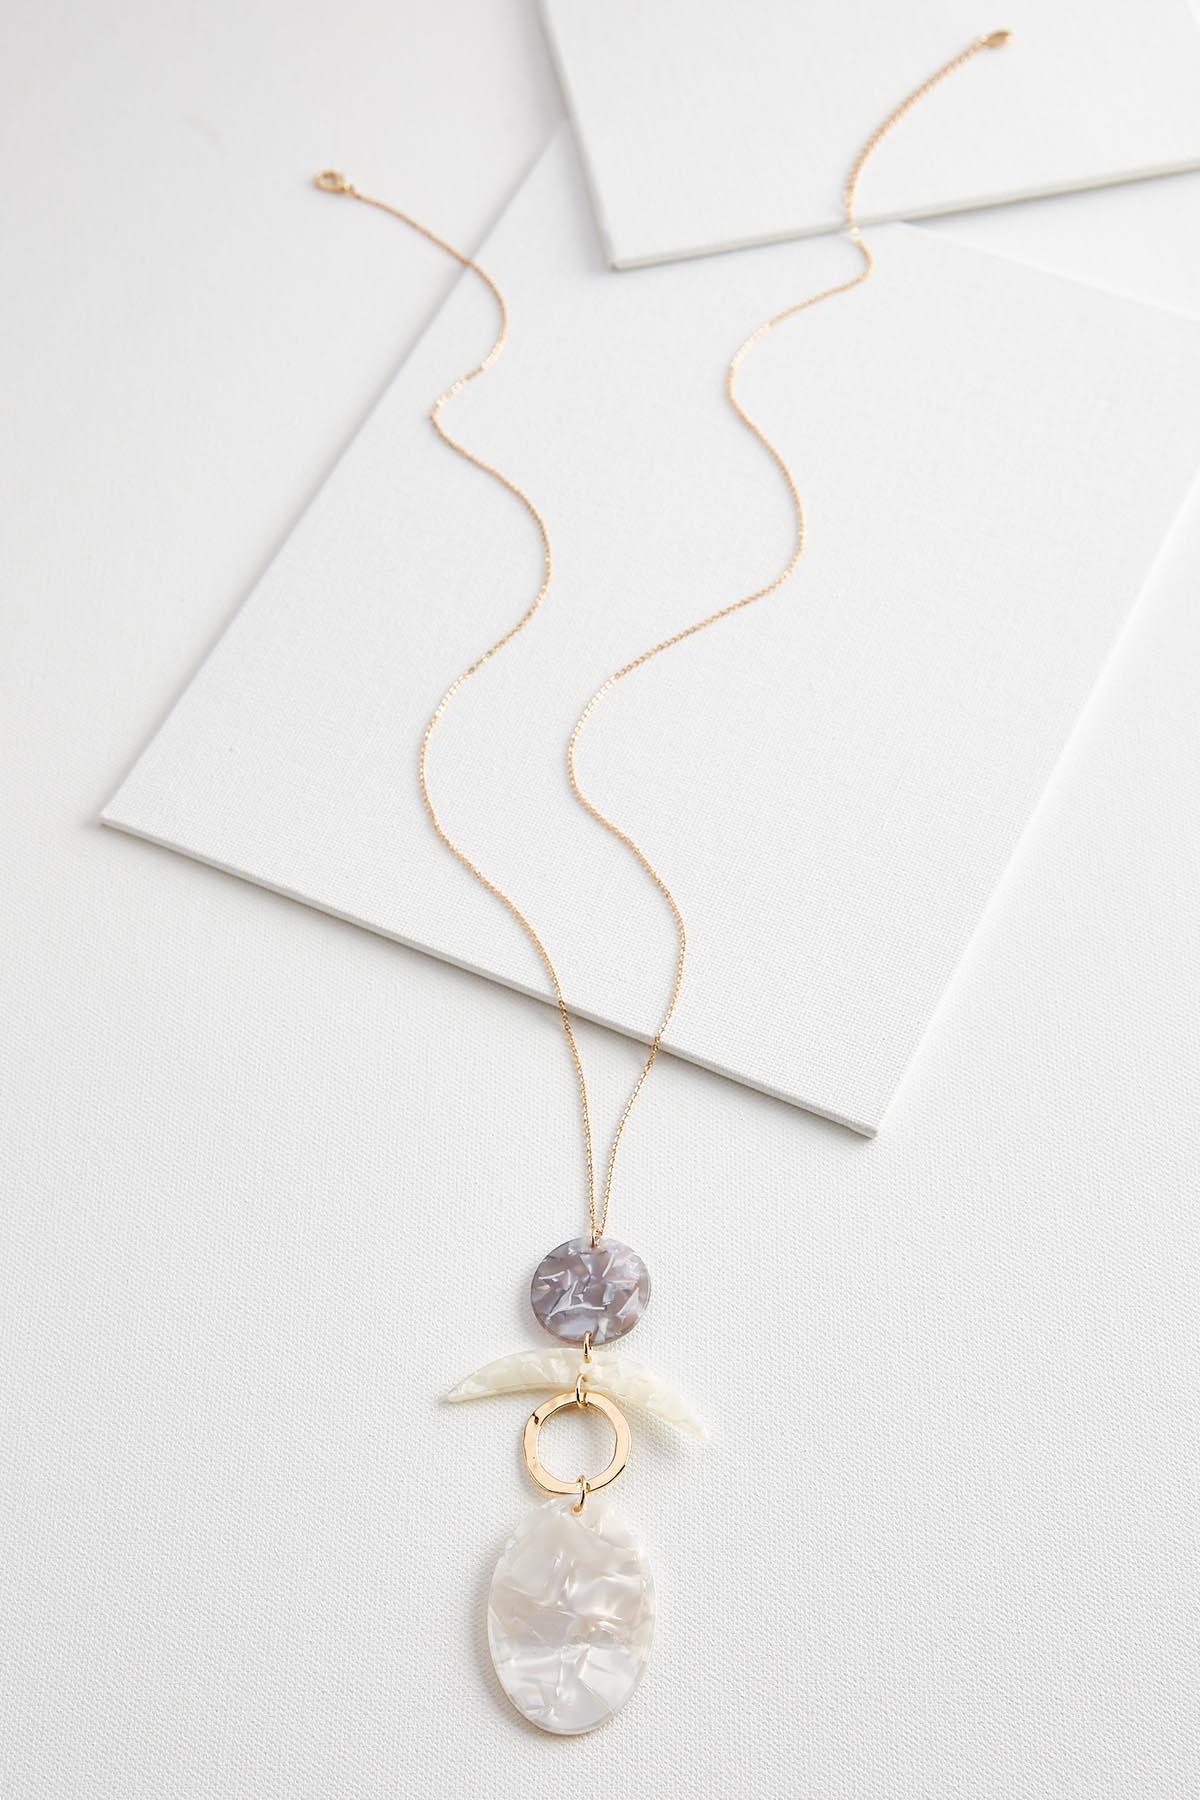 Lucite Geo Pendant Necklace